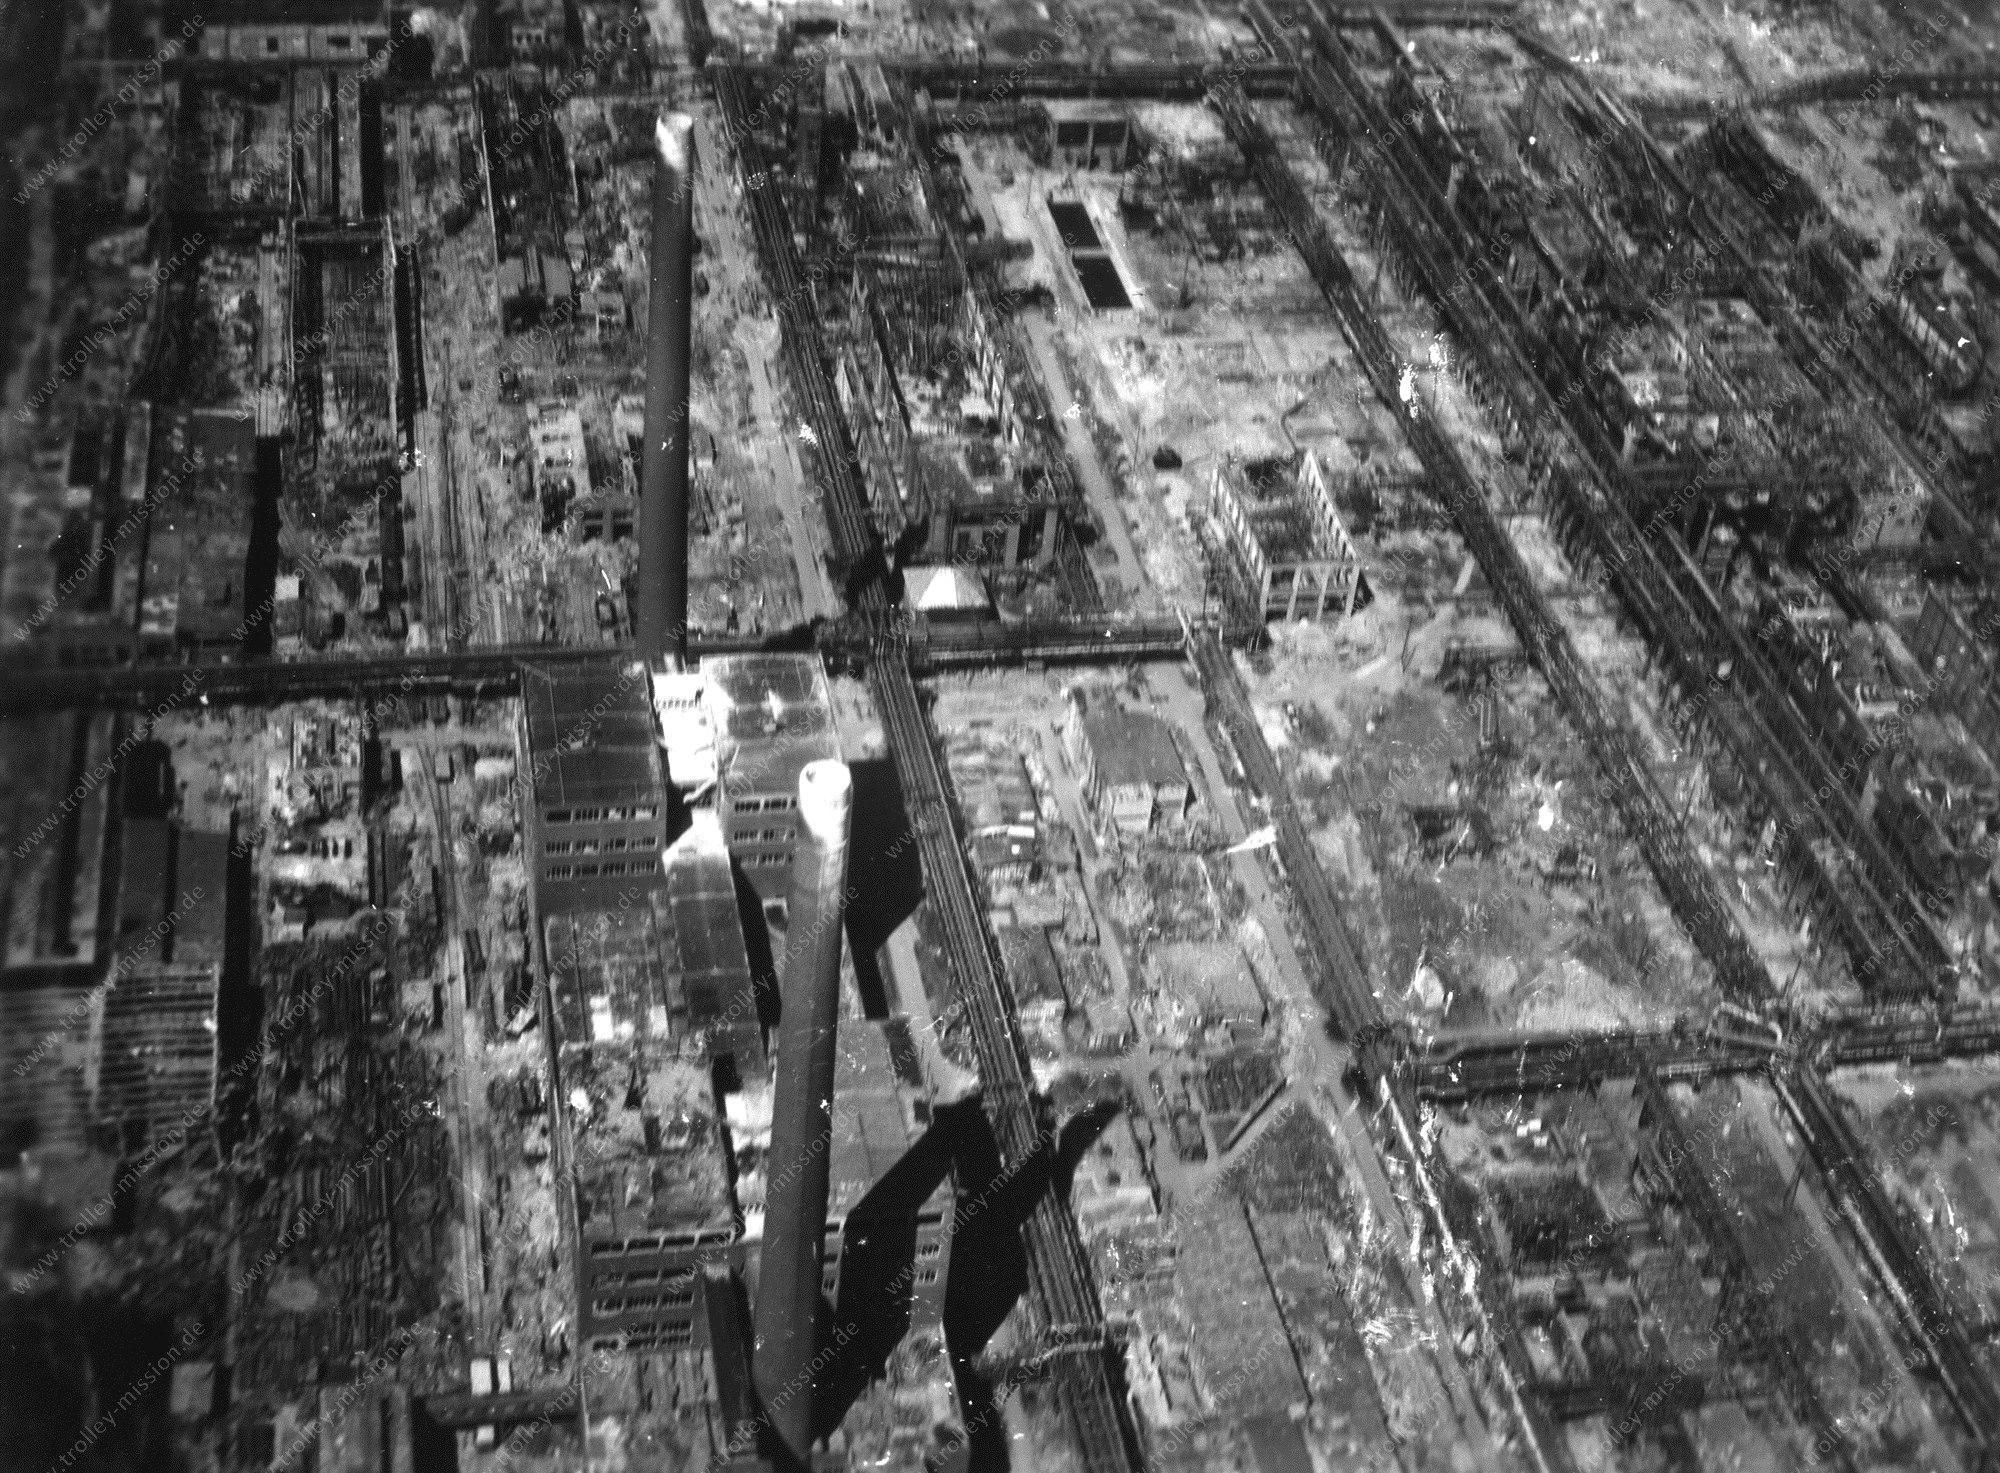 Luftbild der Ammoniakwerk Merseburg GmbH (Leuna Werke) in Merseburg im Zweiten Weltkrieg